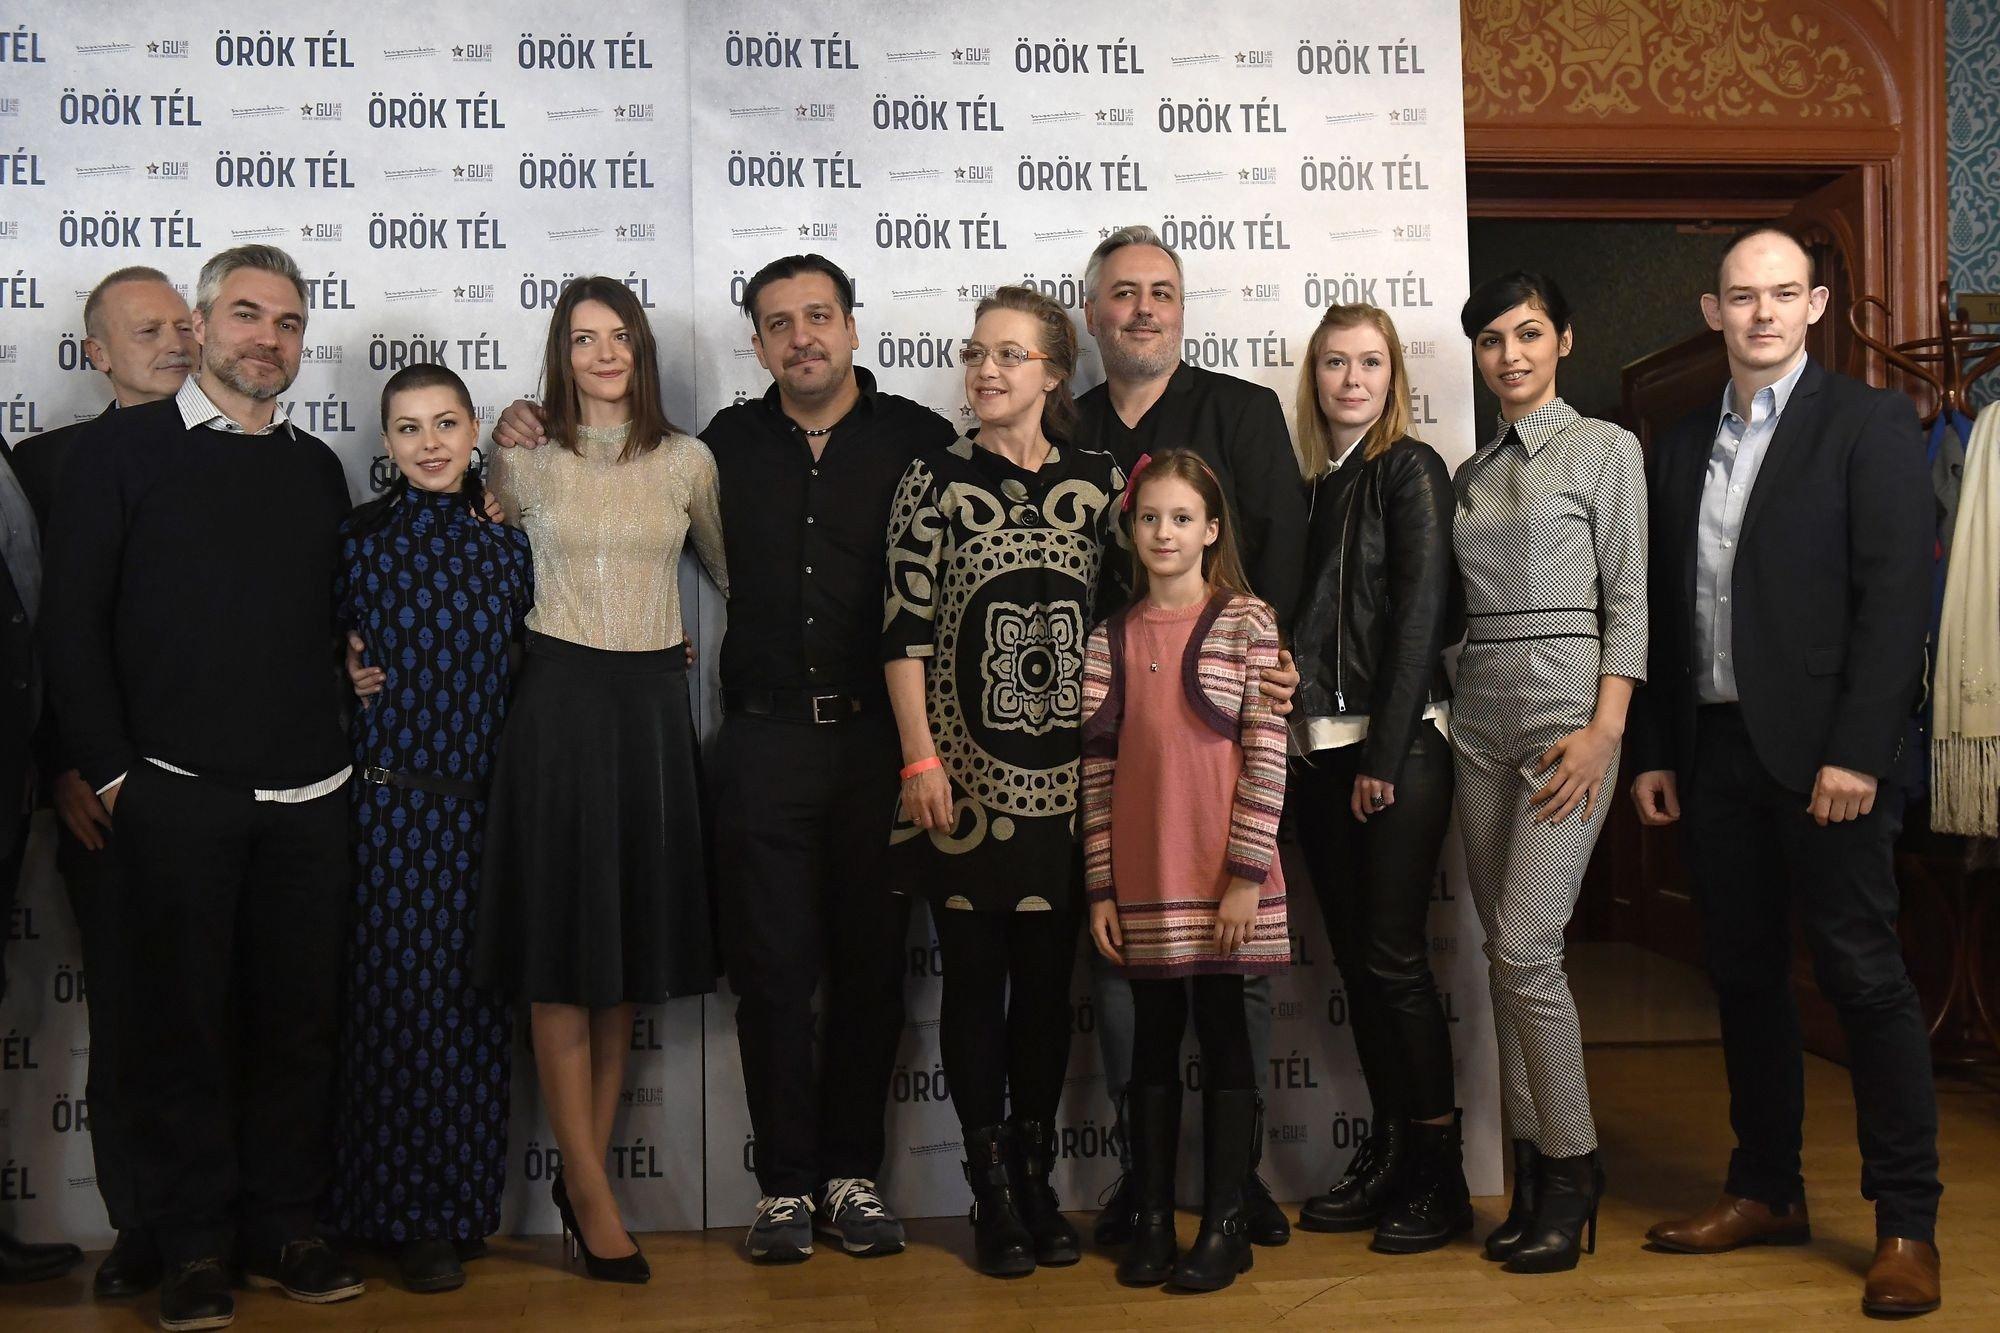 Február végén mutatja be az Örök tél című filmet a közmédia